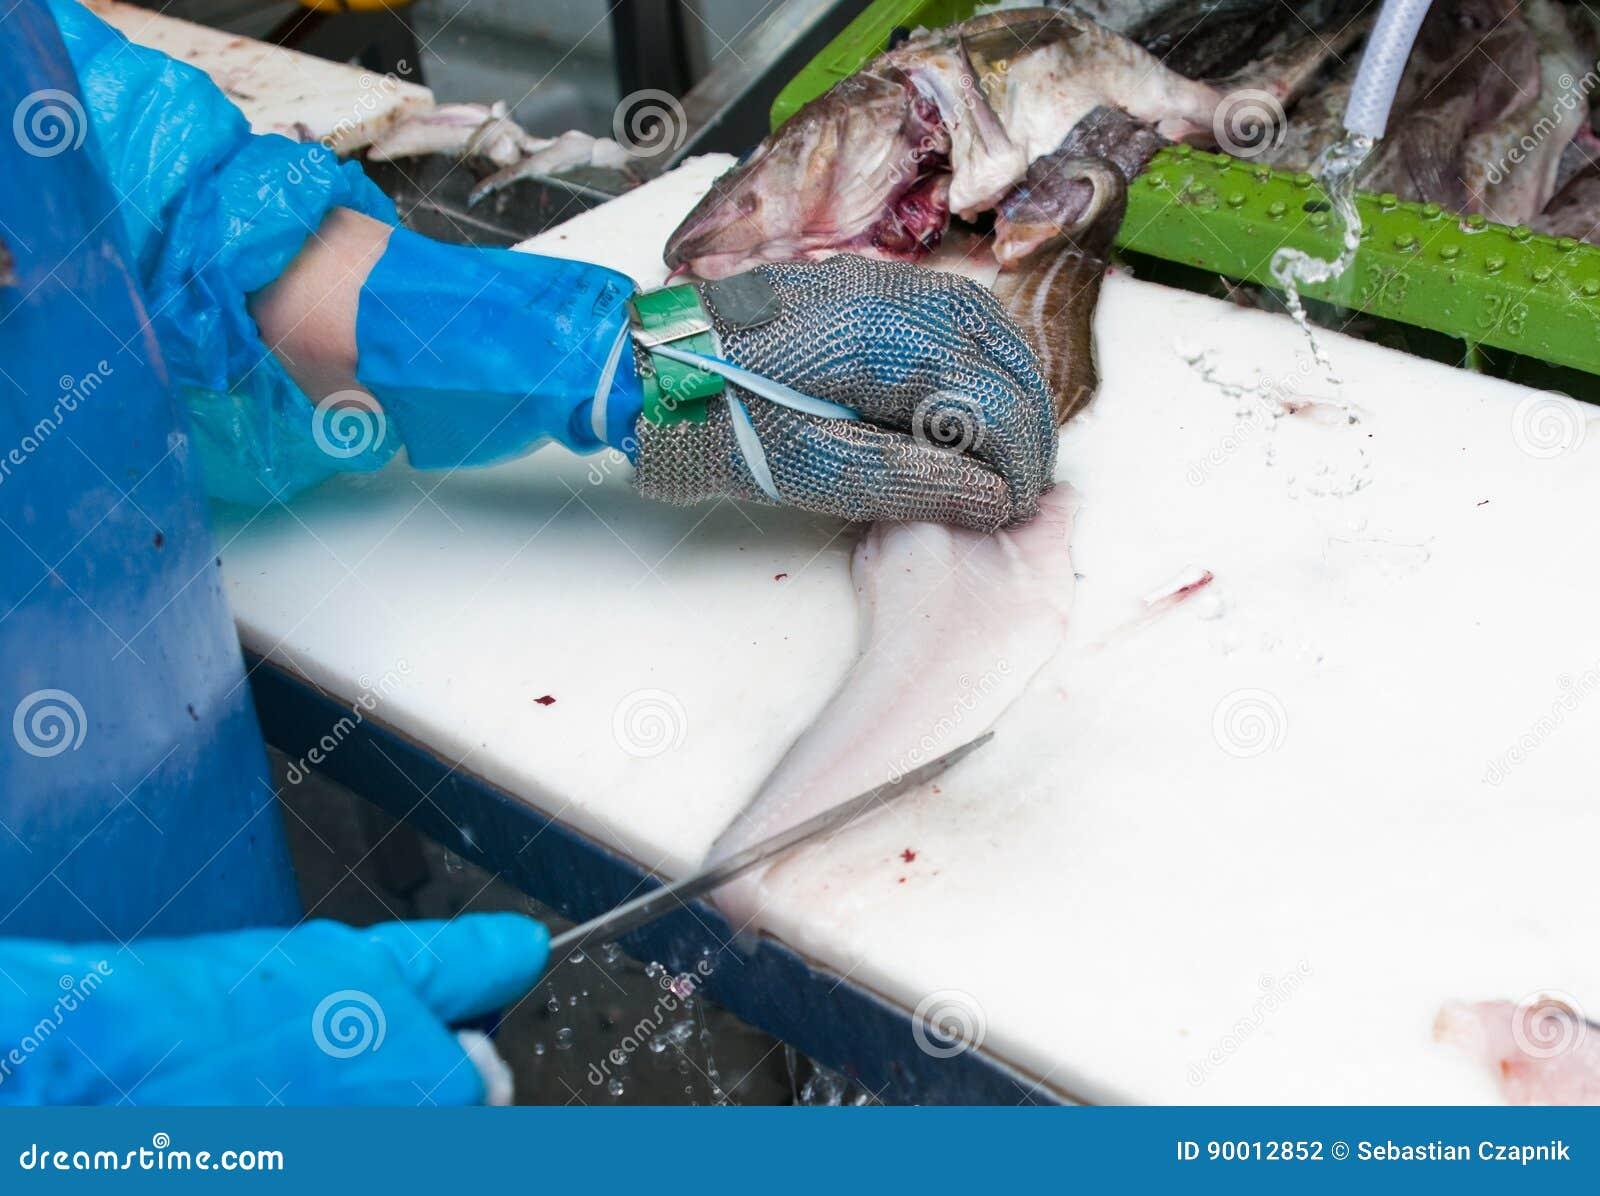 обрабатывать рыб фабрики